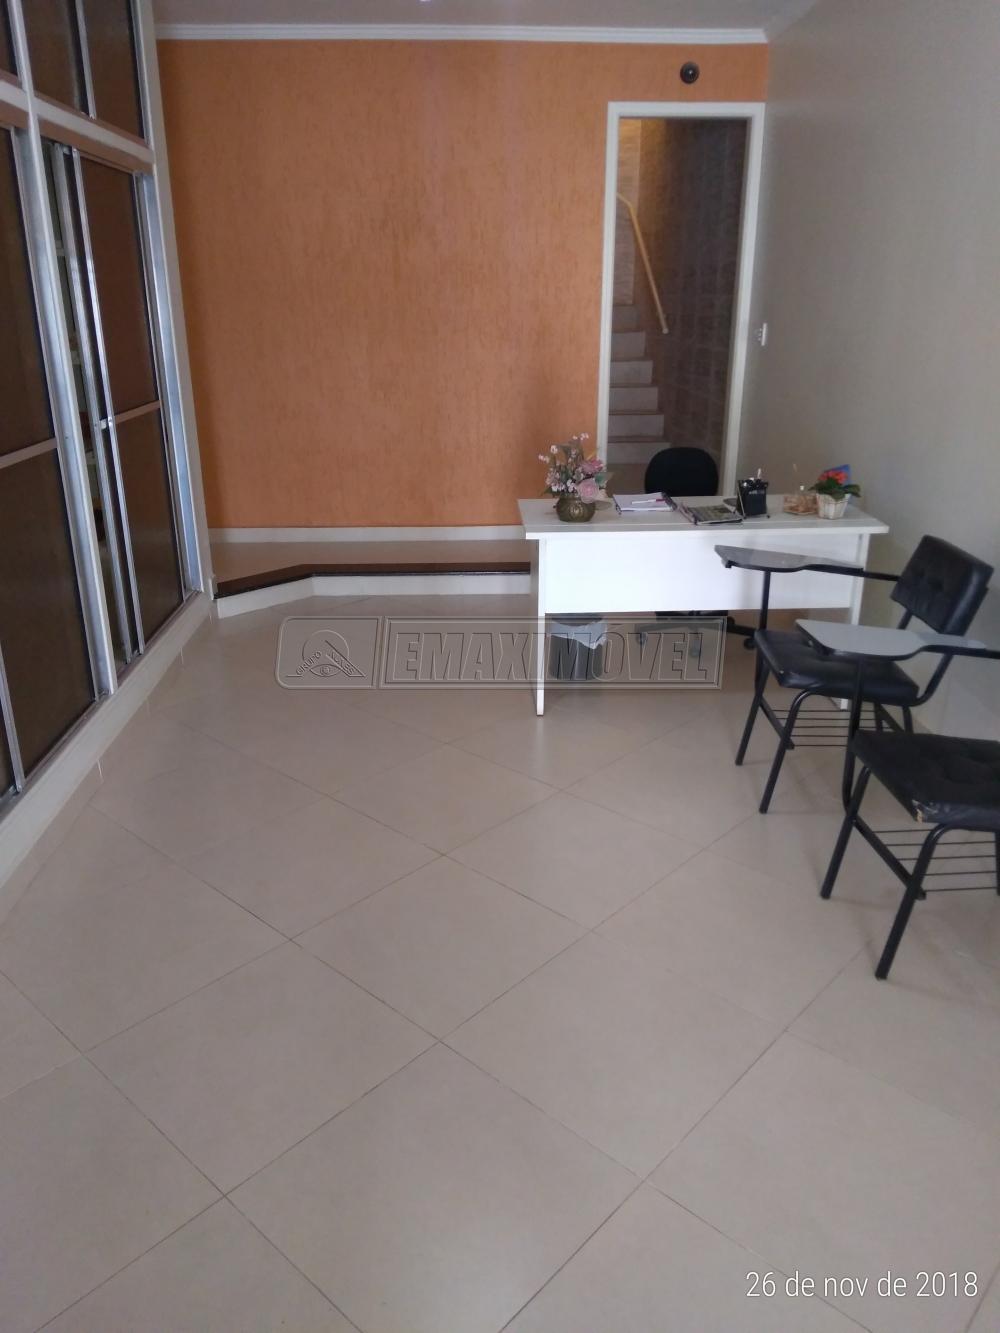 Alugar Casas / Comerciais em Sorocaba apenas R$ 3.000,00 - Foto 9